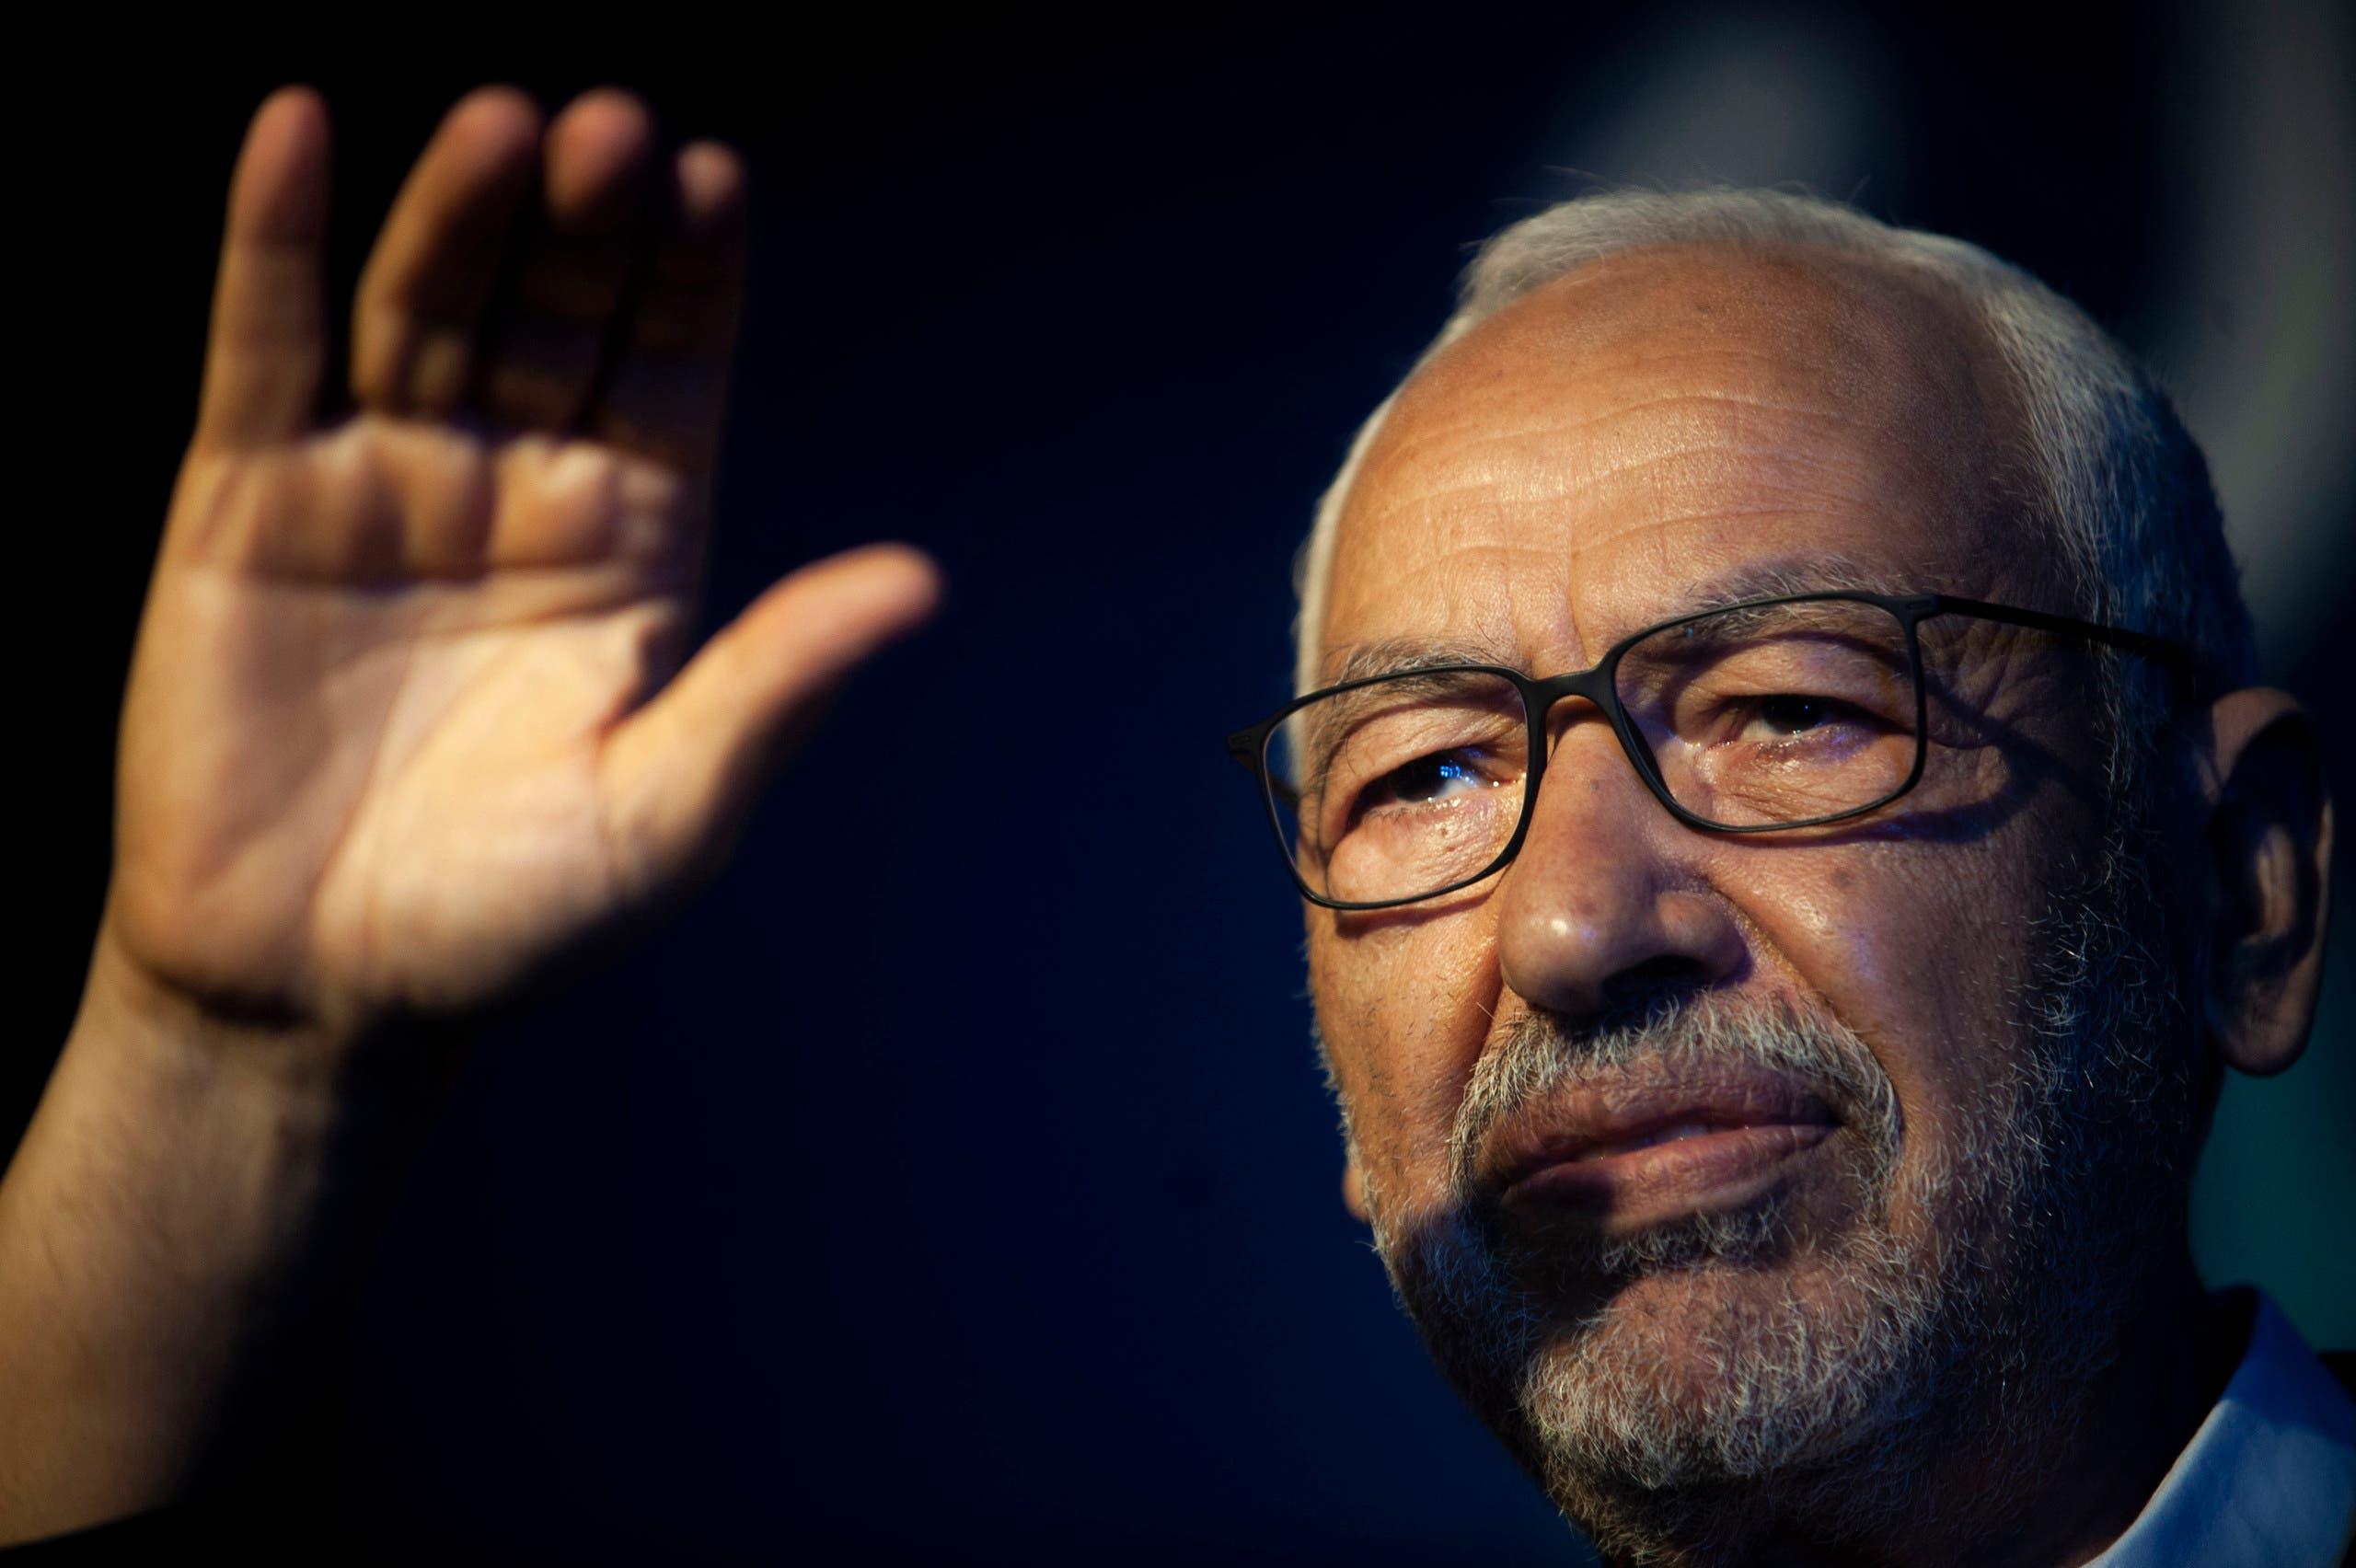 رئيس حركة النهضة والبرلمان التونسي راشد الغنوشي (أرشيفية- أسوشييتد برس)